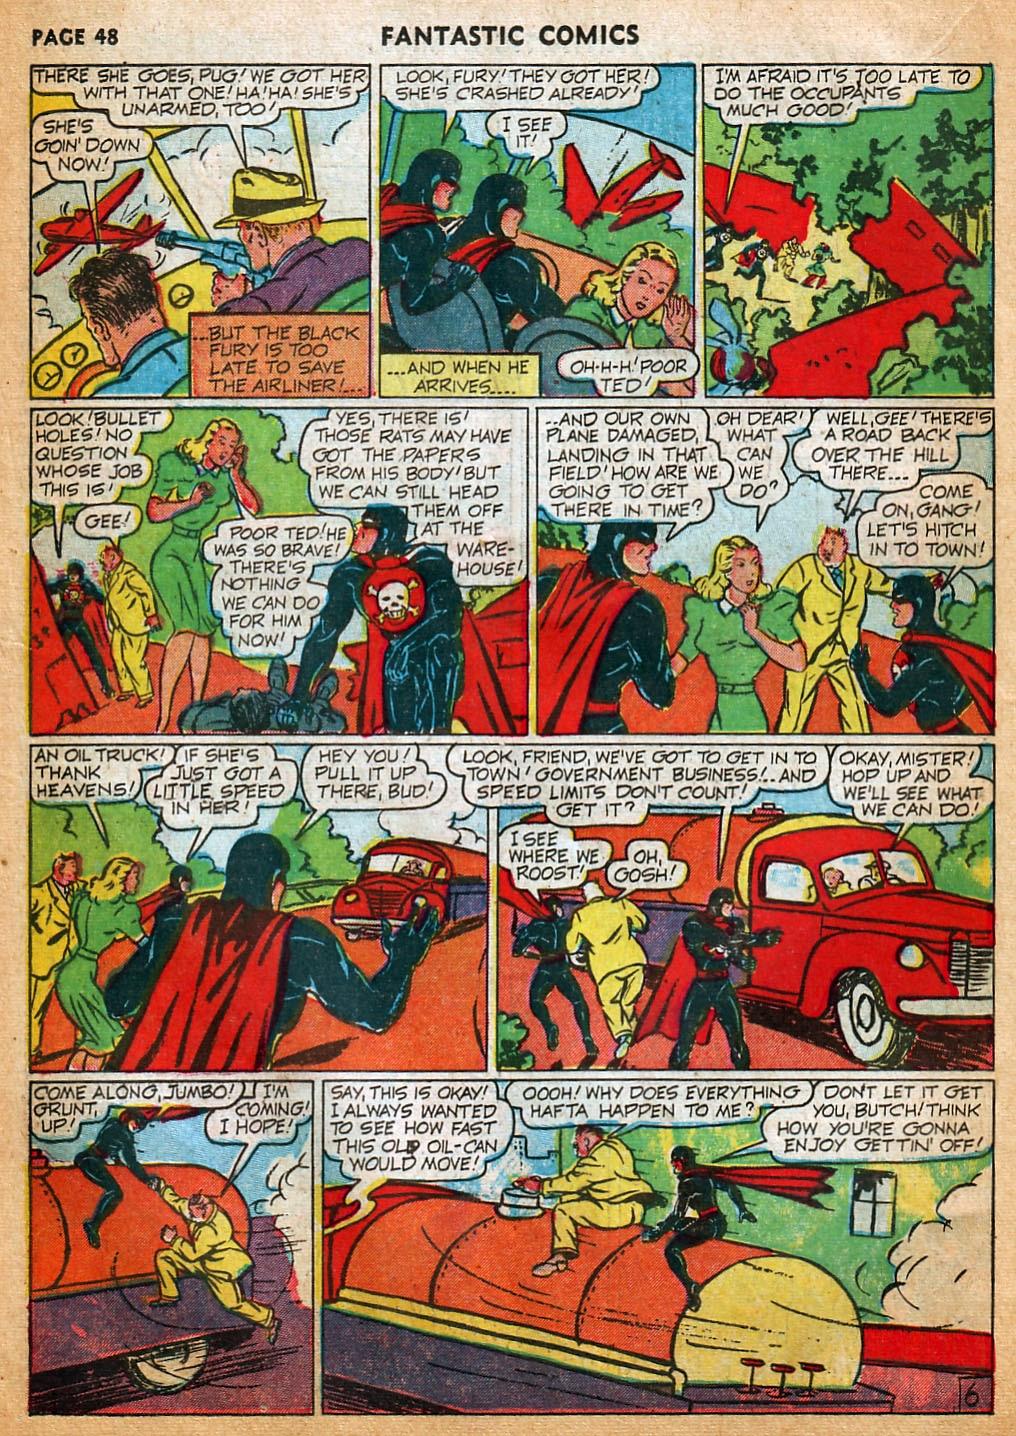 Read online Fantastic Comics comic -  Issue #22 - 49